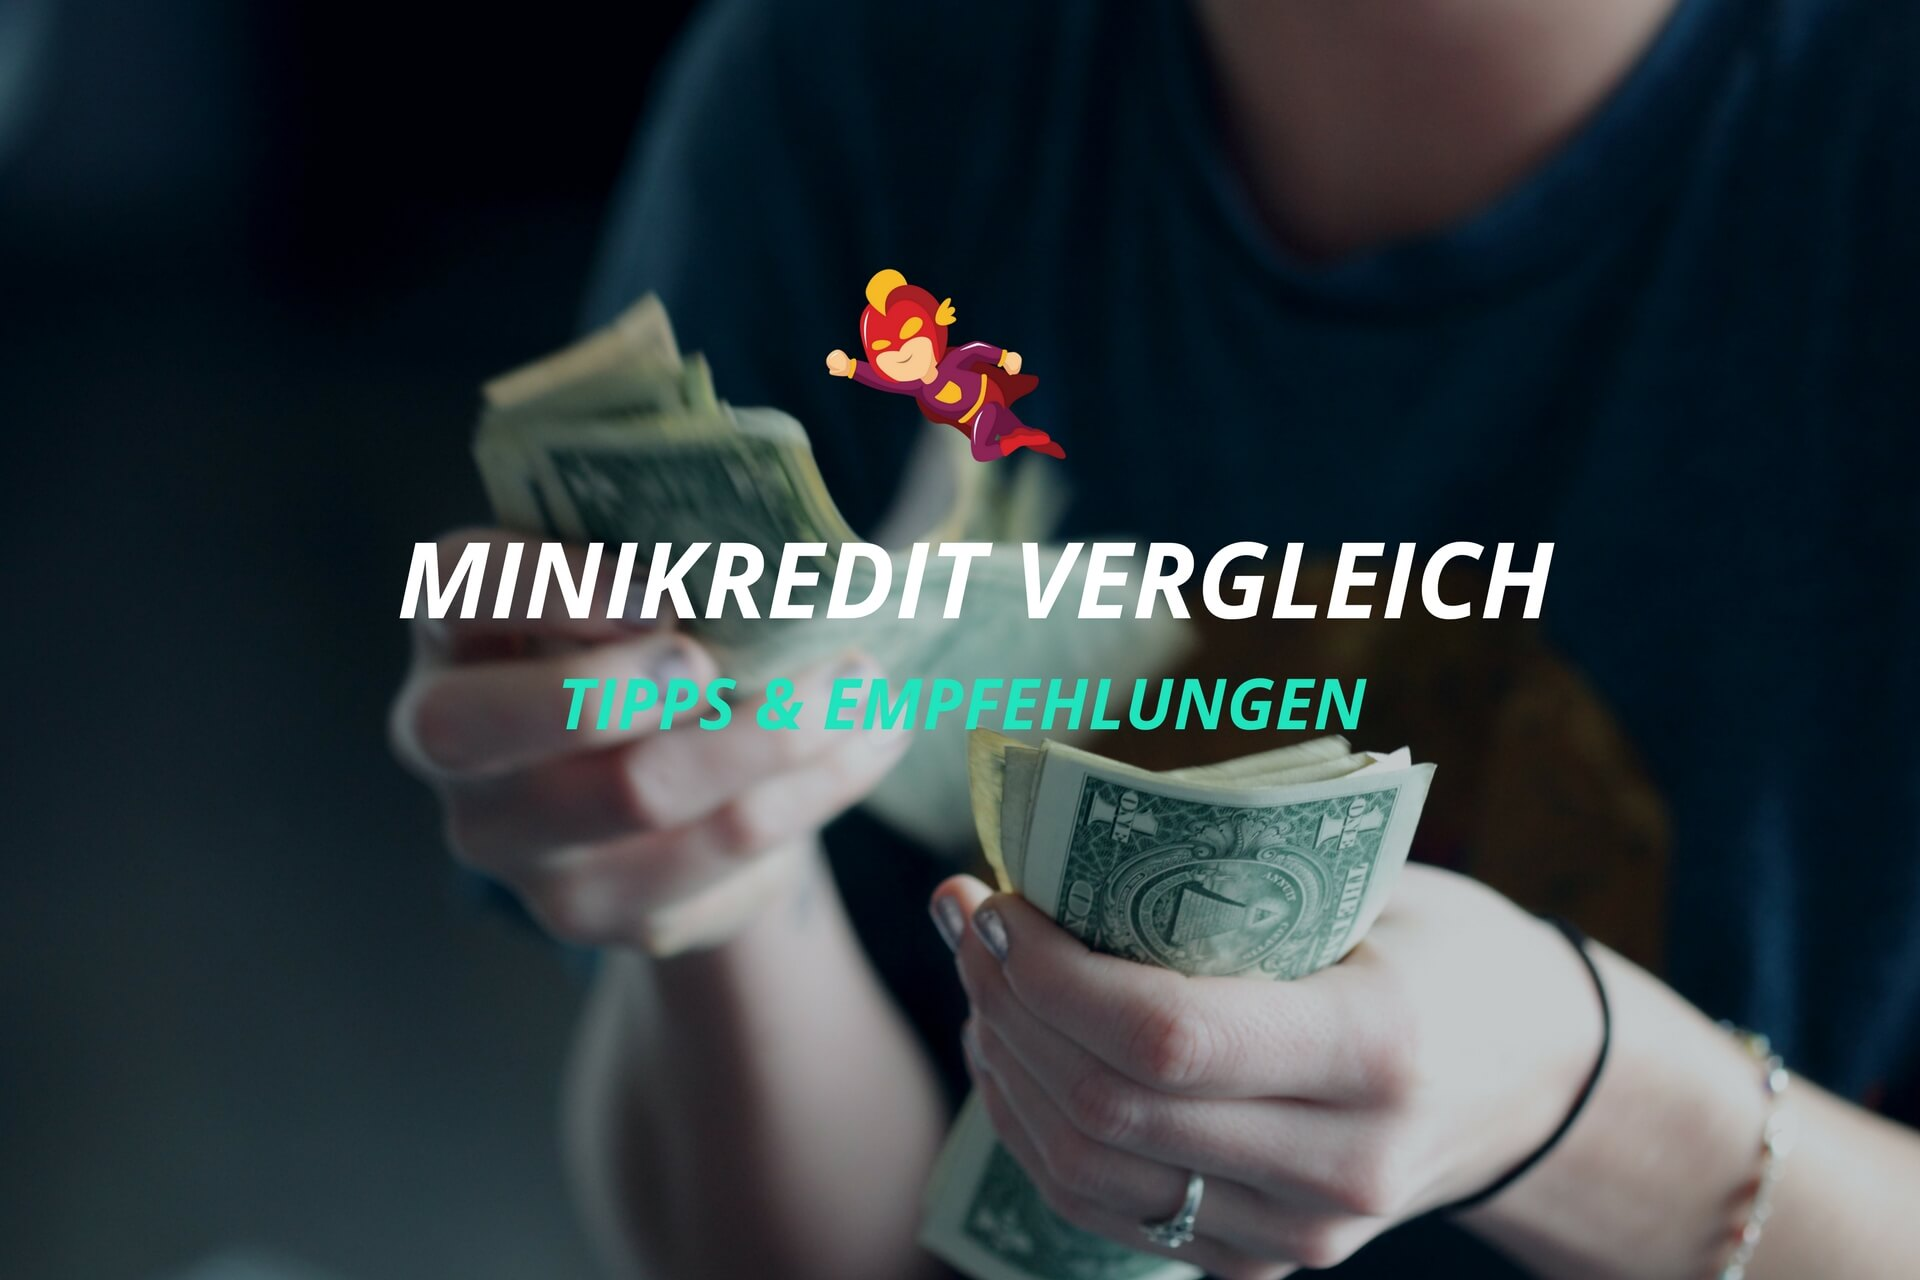 Minikredit Vergleich - Finanzhelden.org